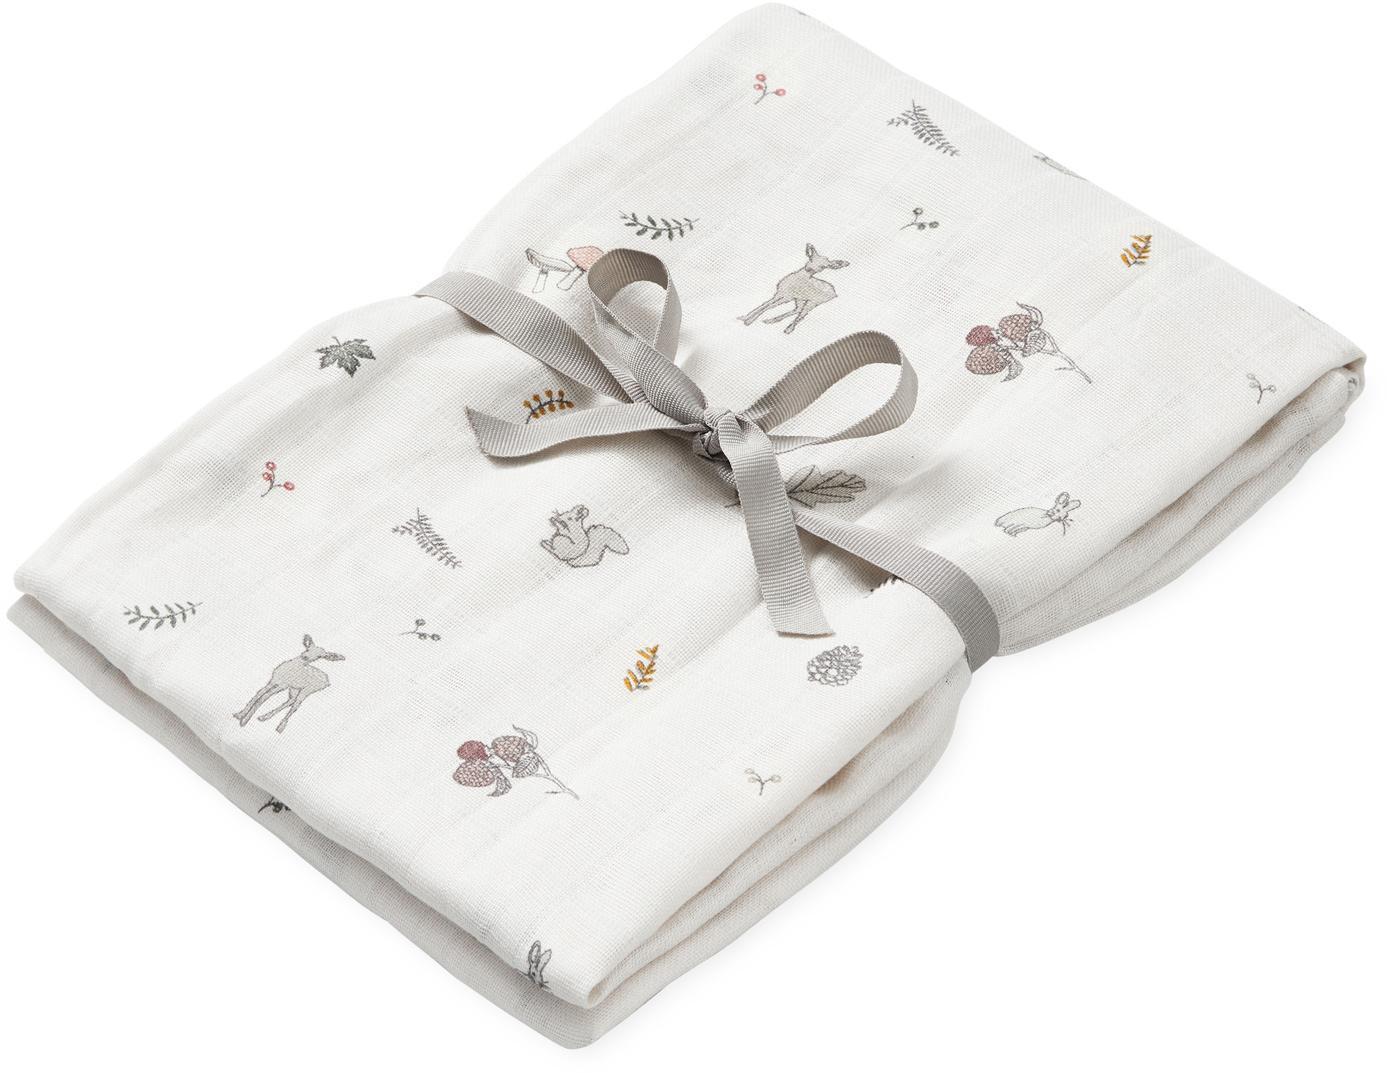 Manta bebé de algodón ecológico Fawn, Algodón orgánico, Blanco, marrón, beige, amarillo, rosa, verde, An 120 x L 120 cm